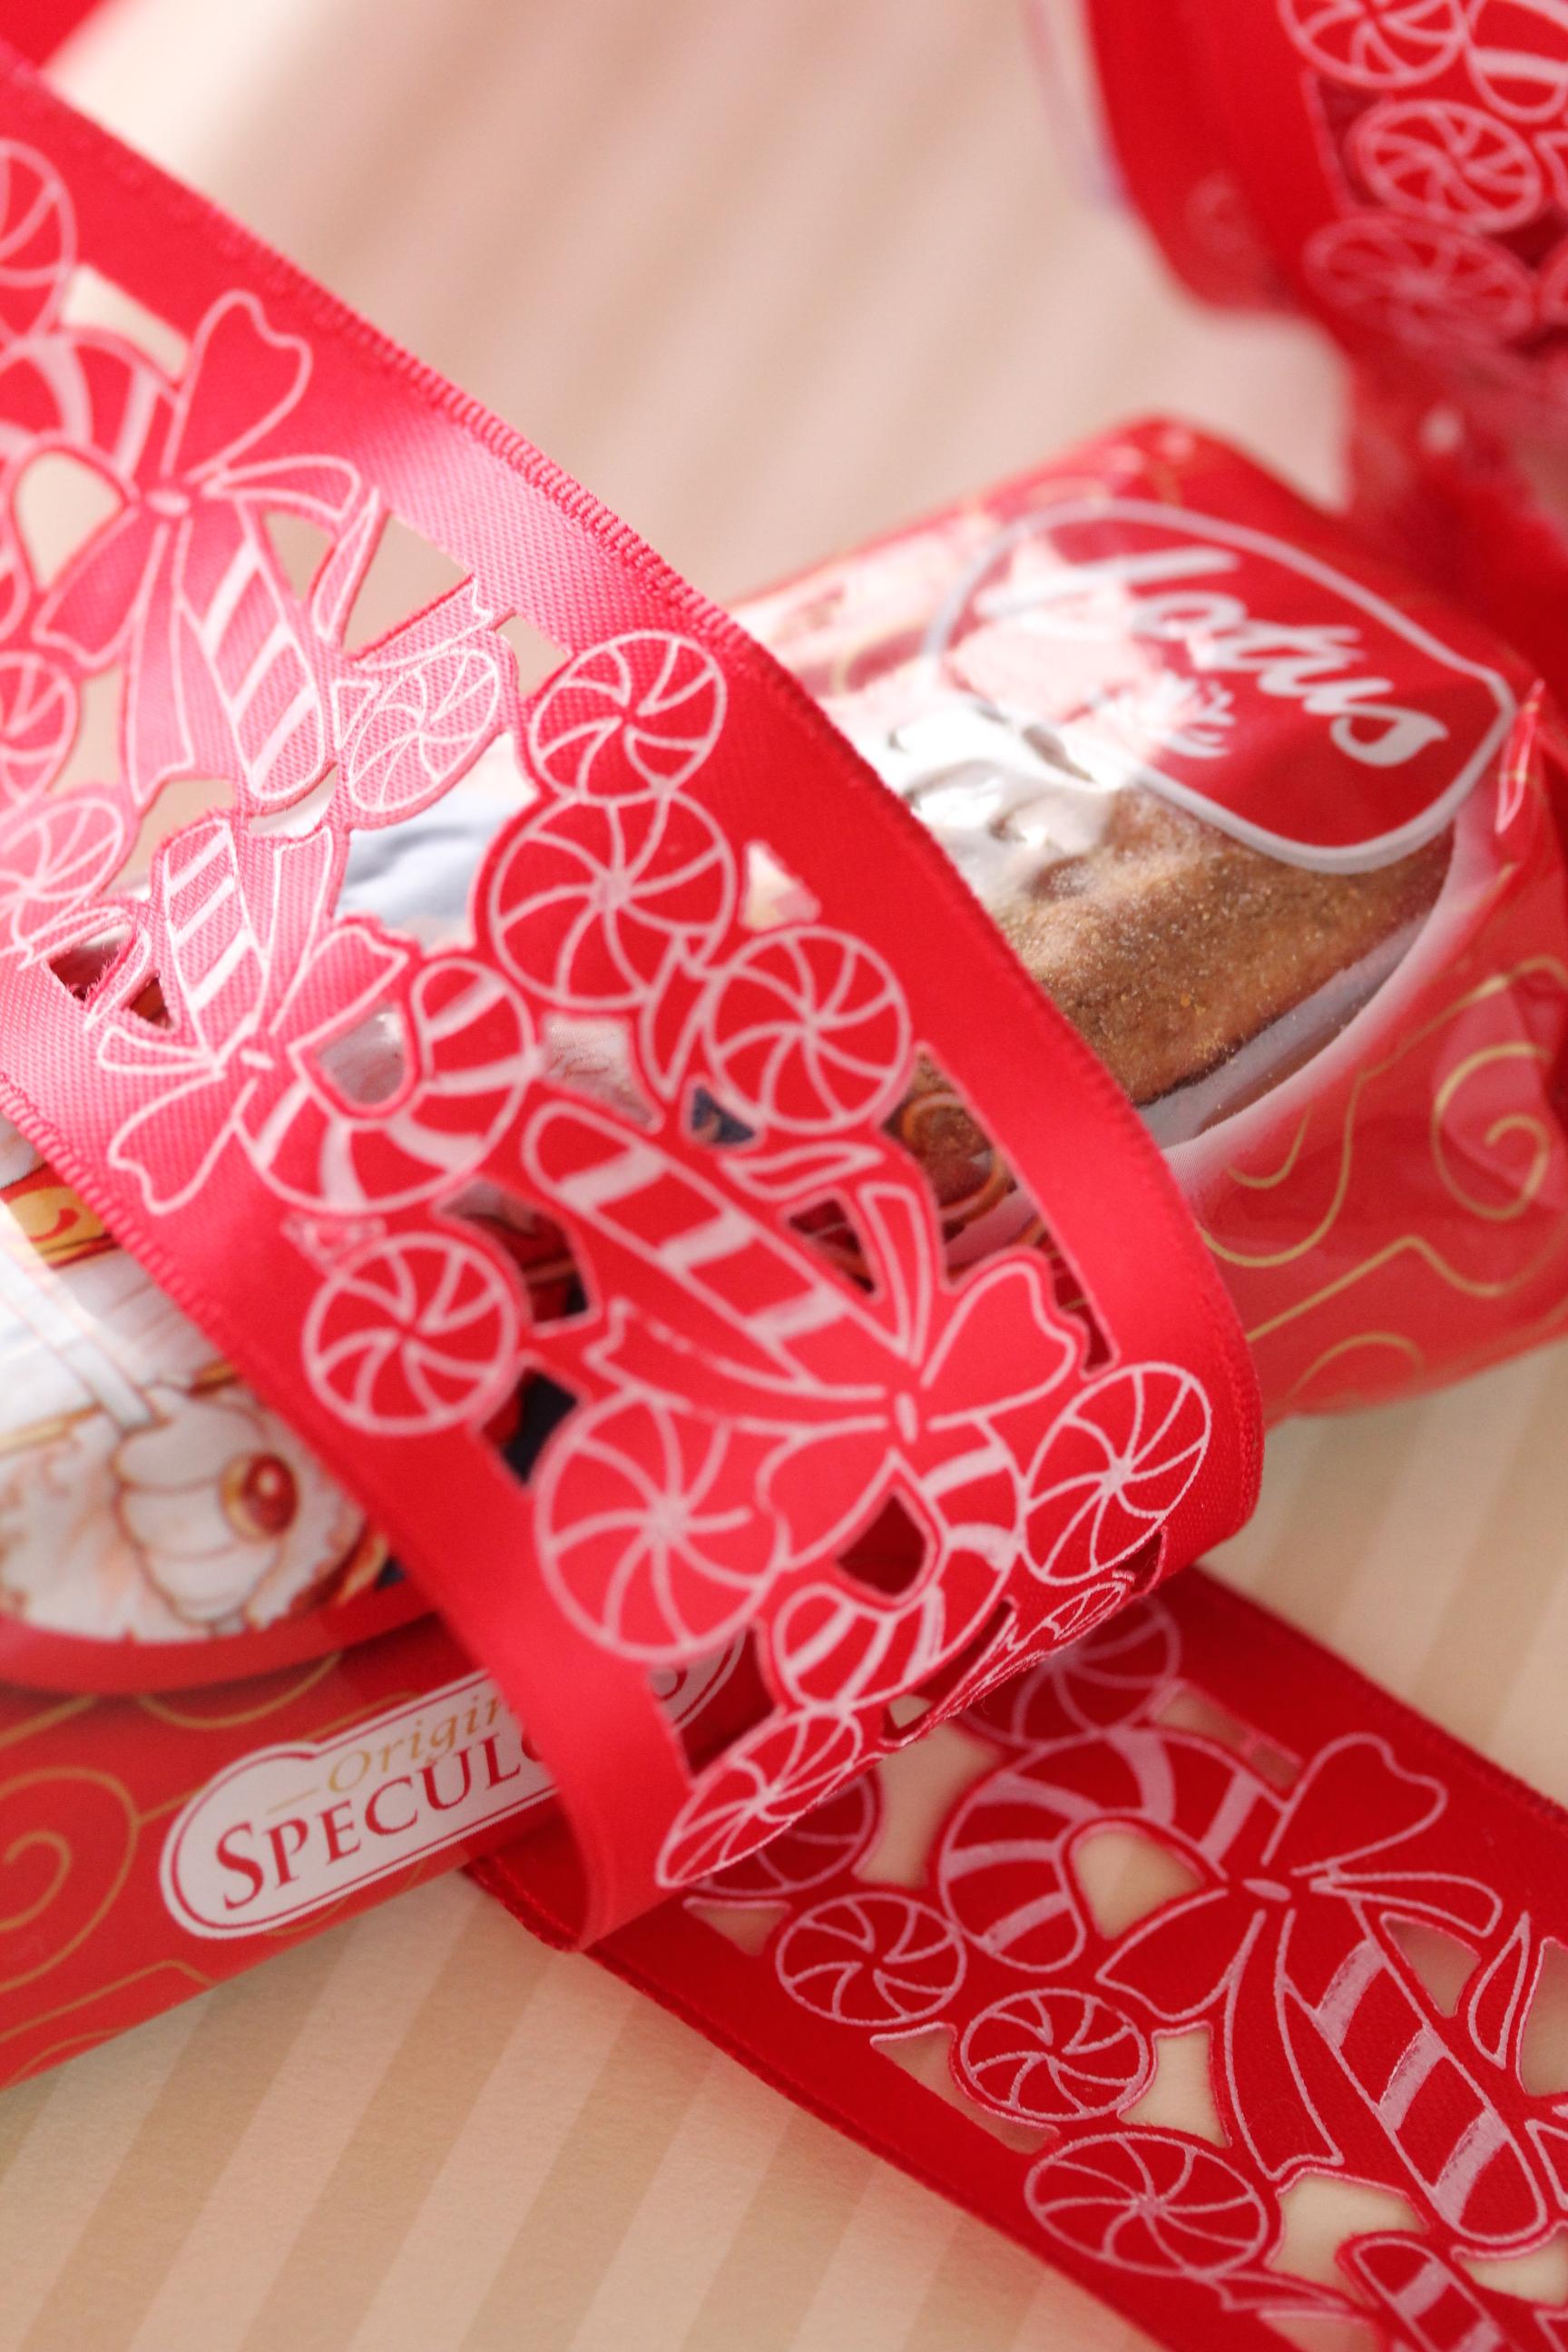 ドイツ・スペシャルリボン・Cut ribbon キャンディ 38ミリ幅